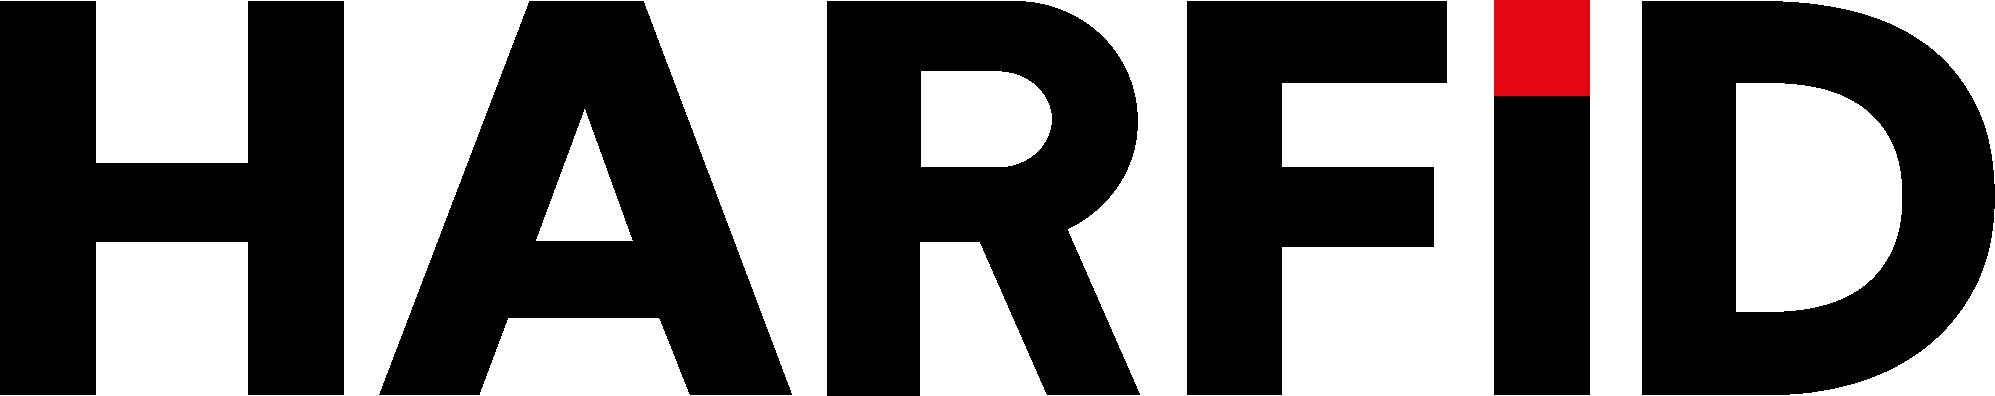 Hauptsponsor – Rot-Weiss Essen